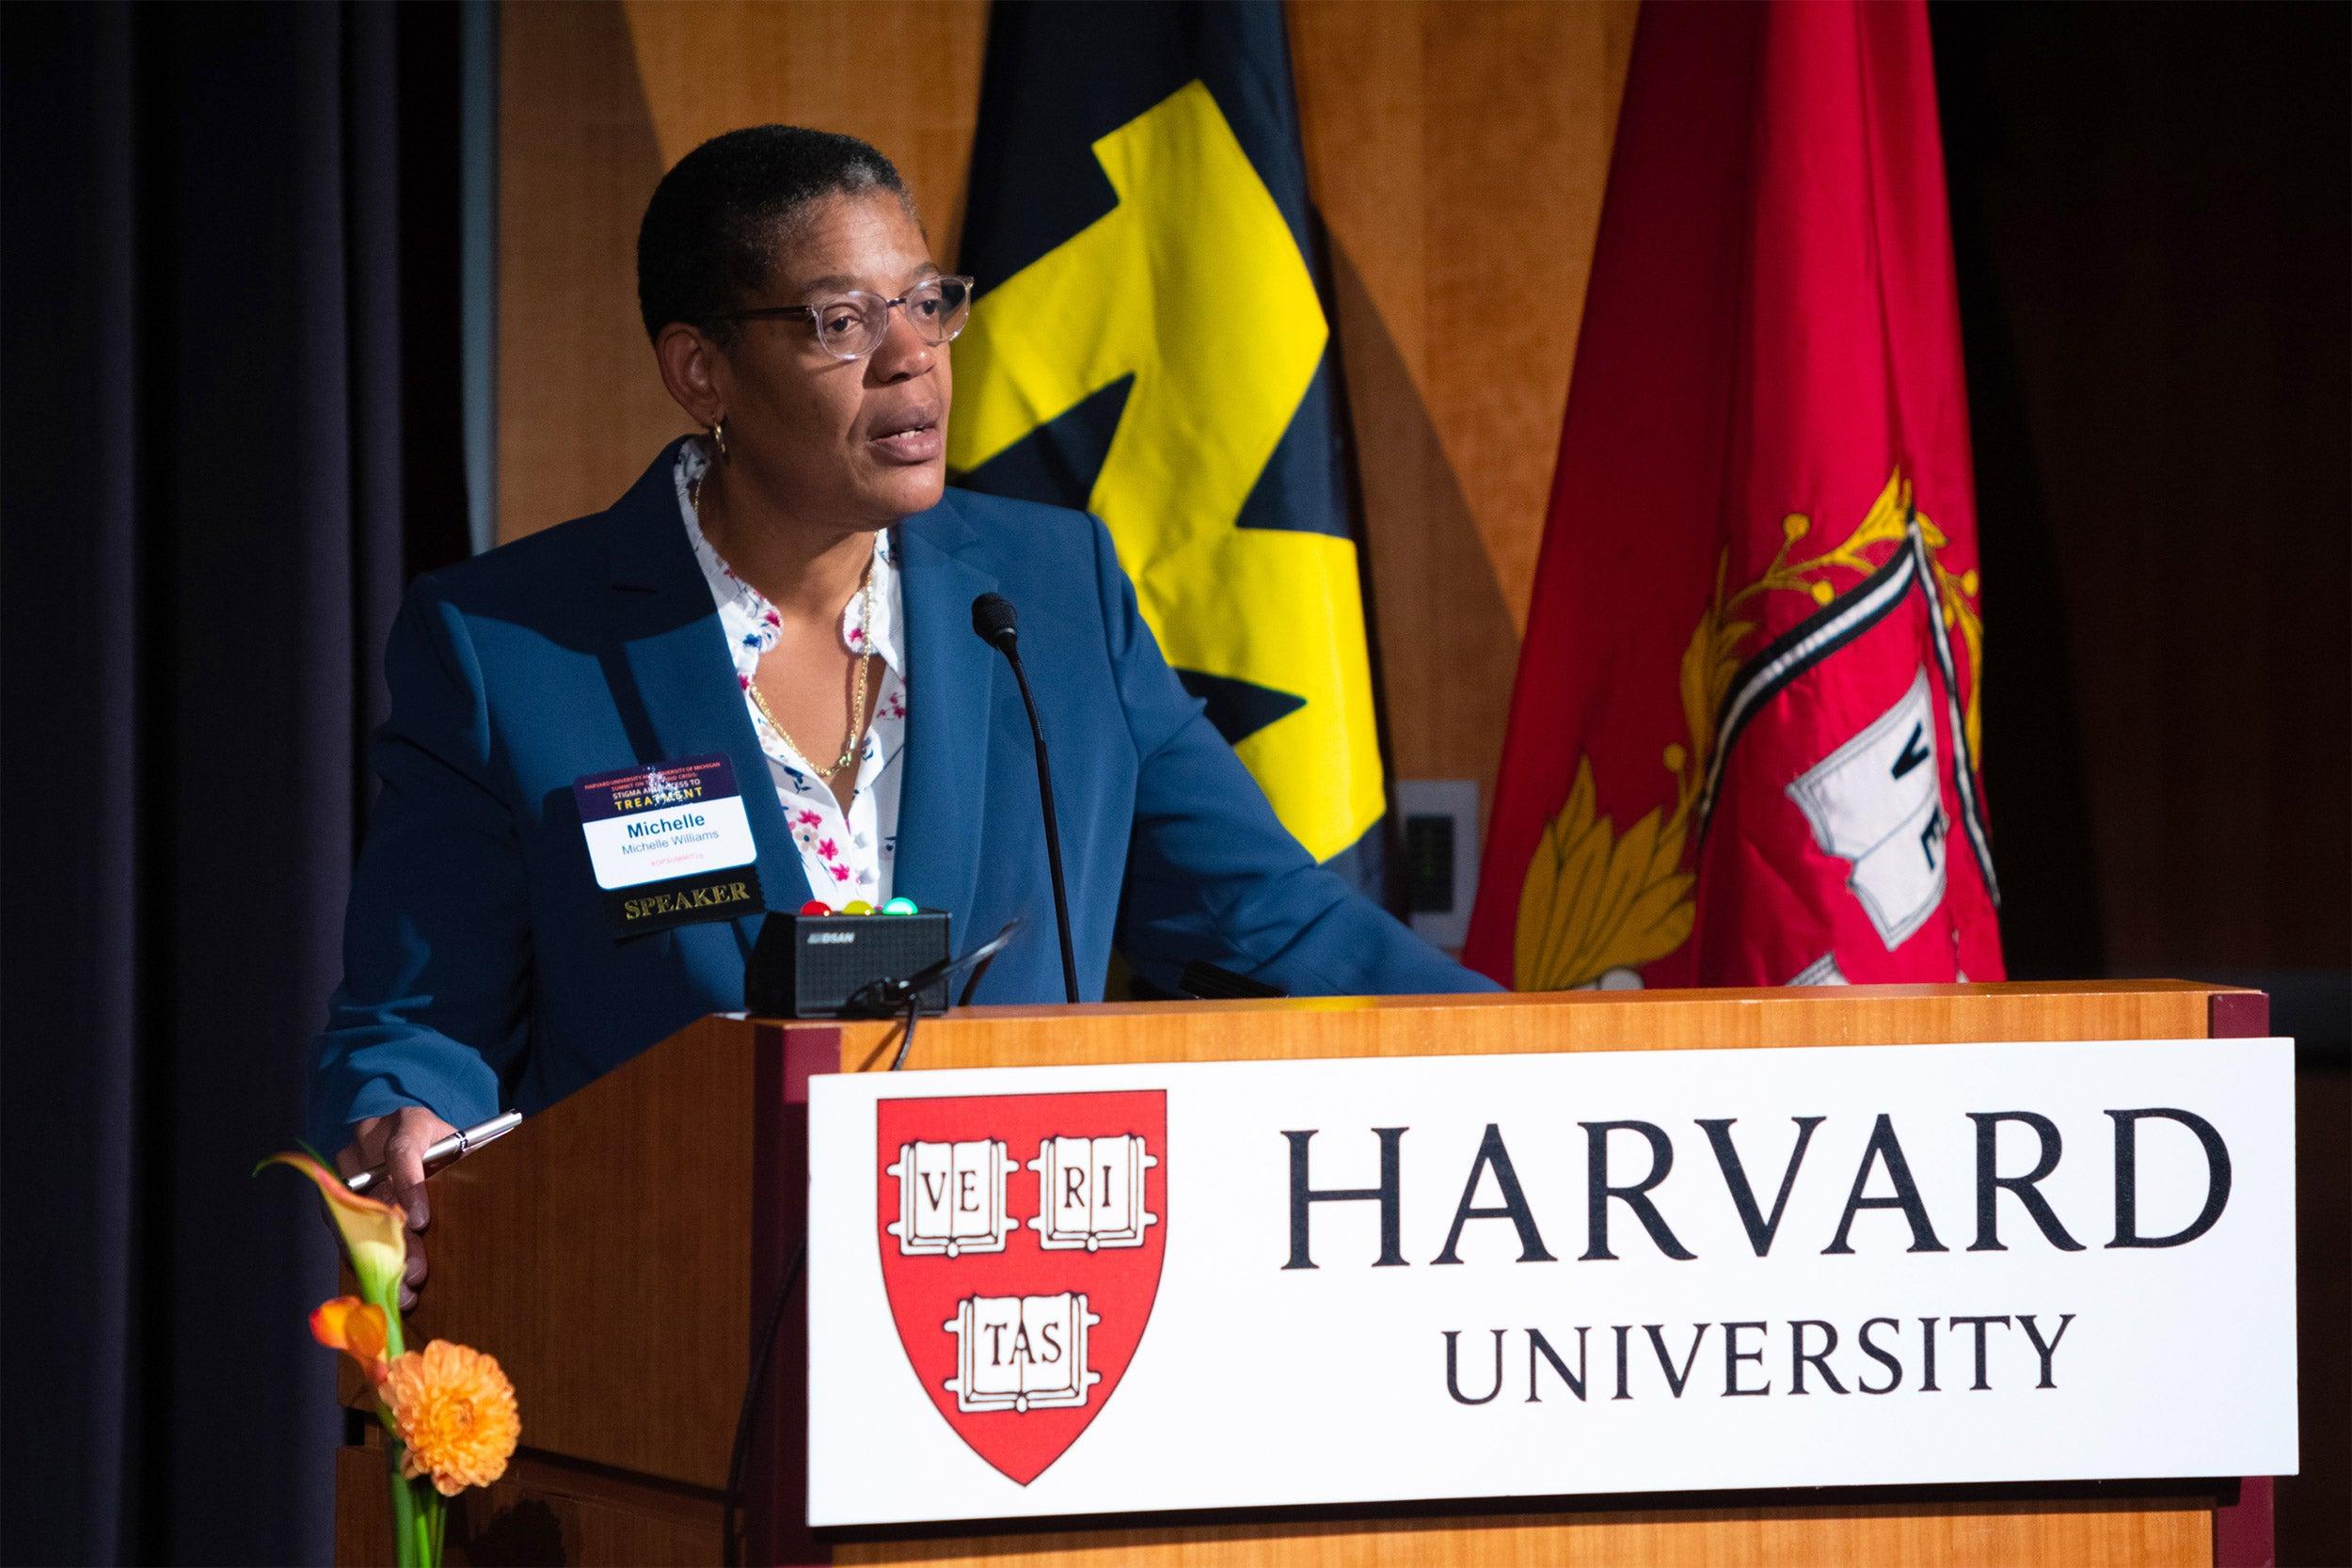 Dean Michelle A. Williams